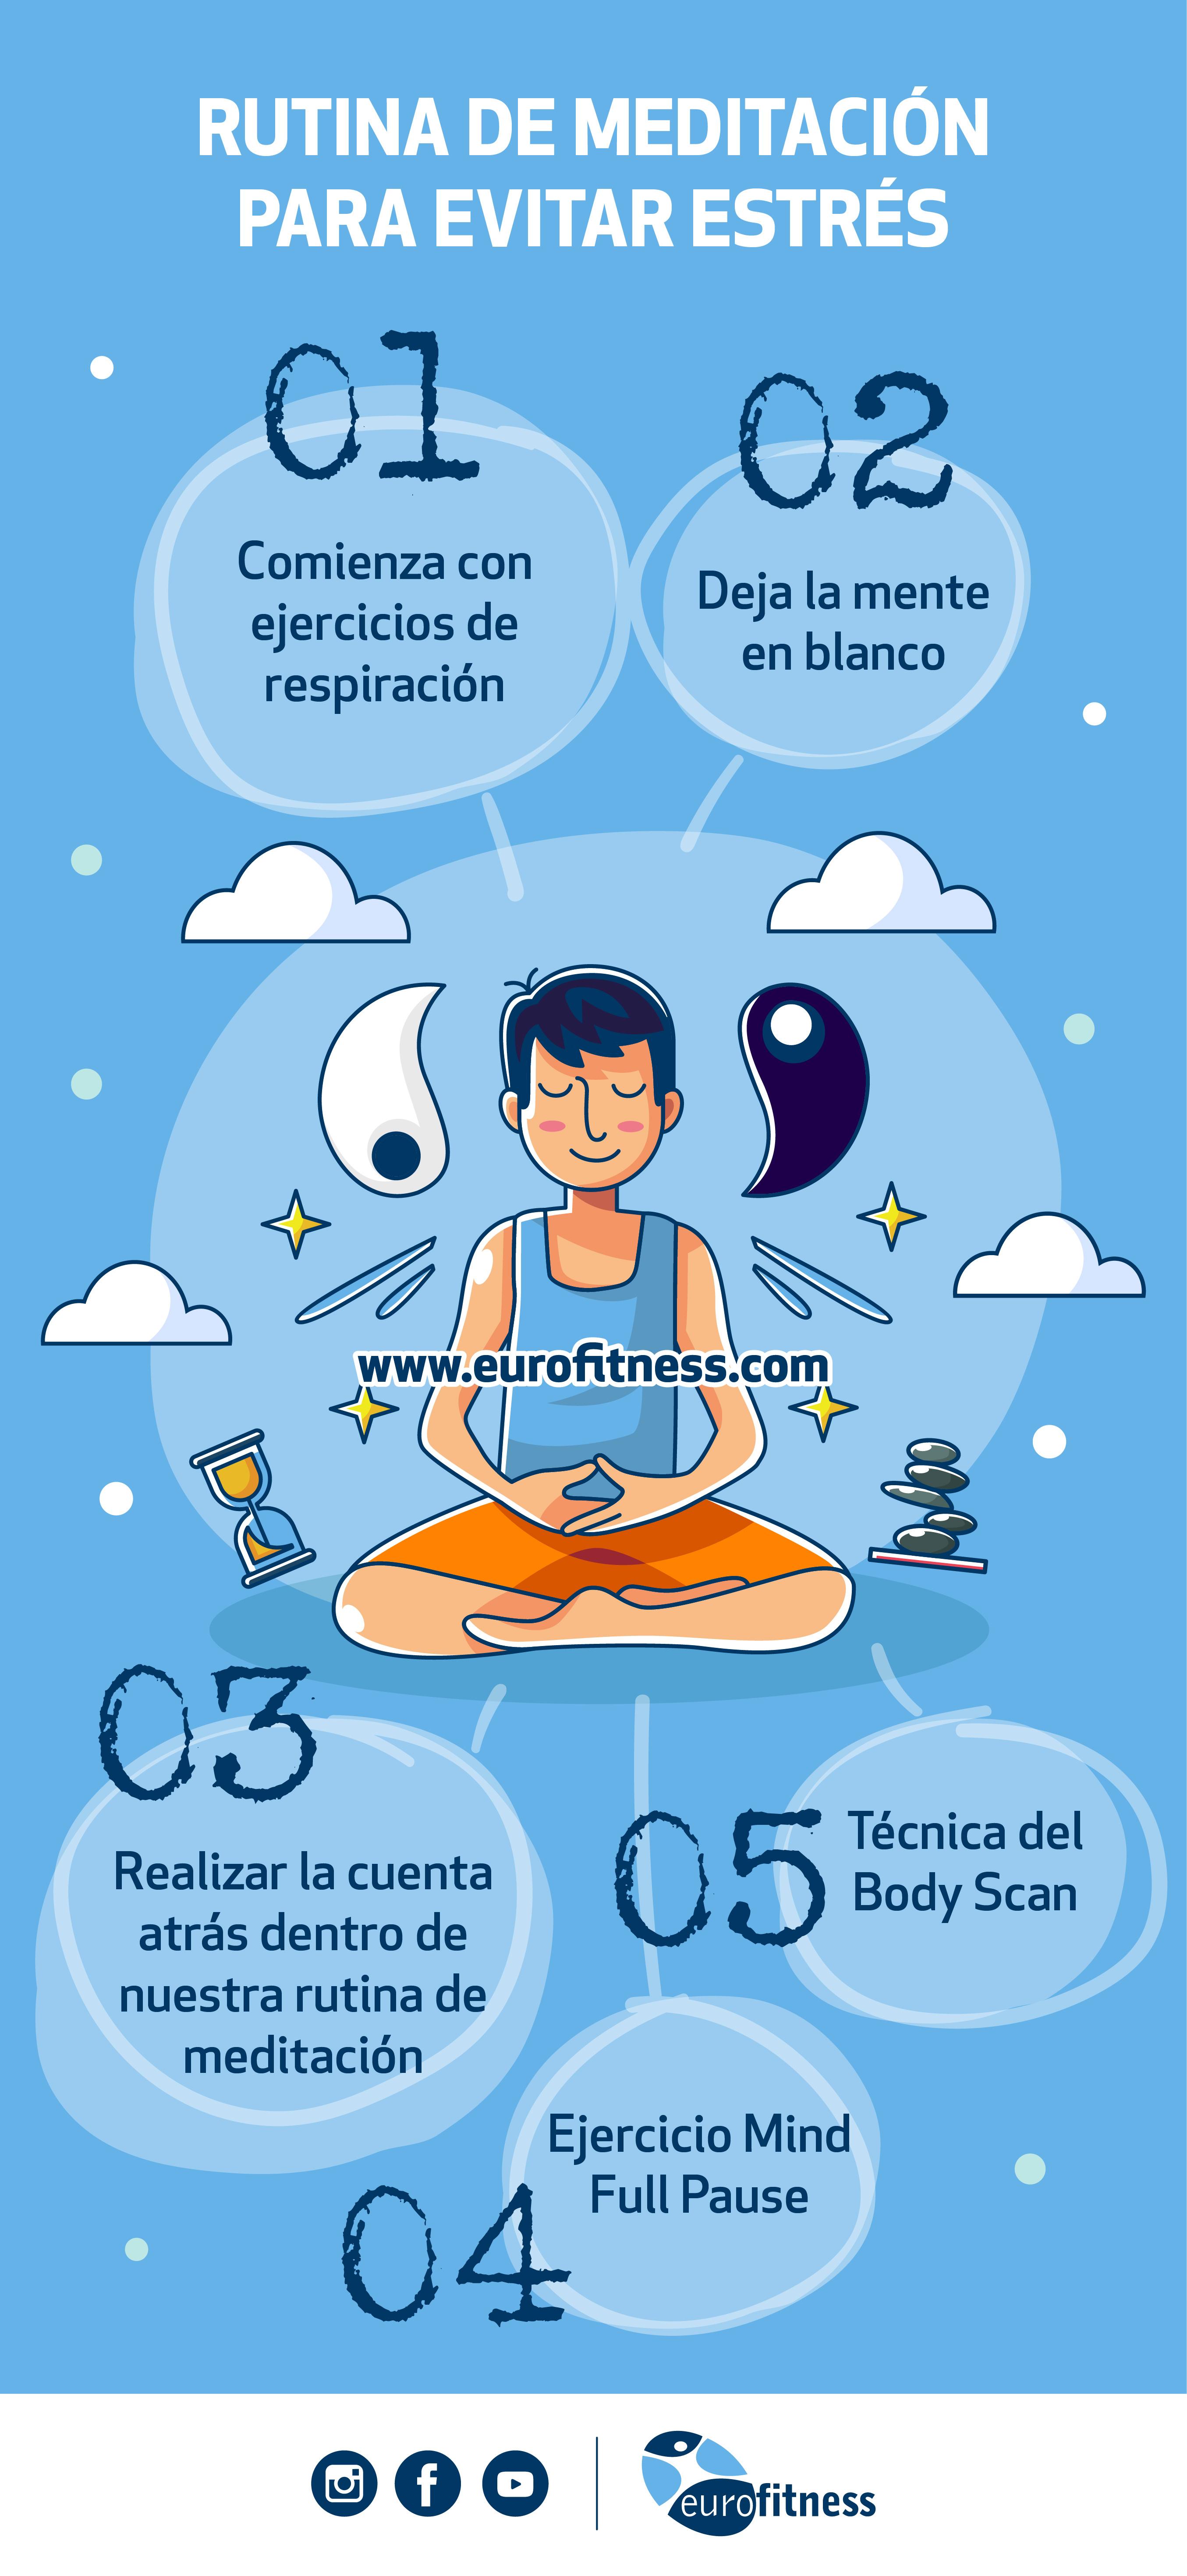 rutina-meditacion-mindfullness